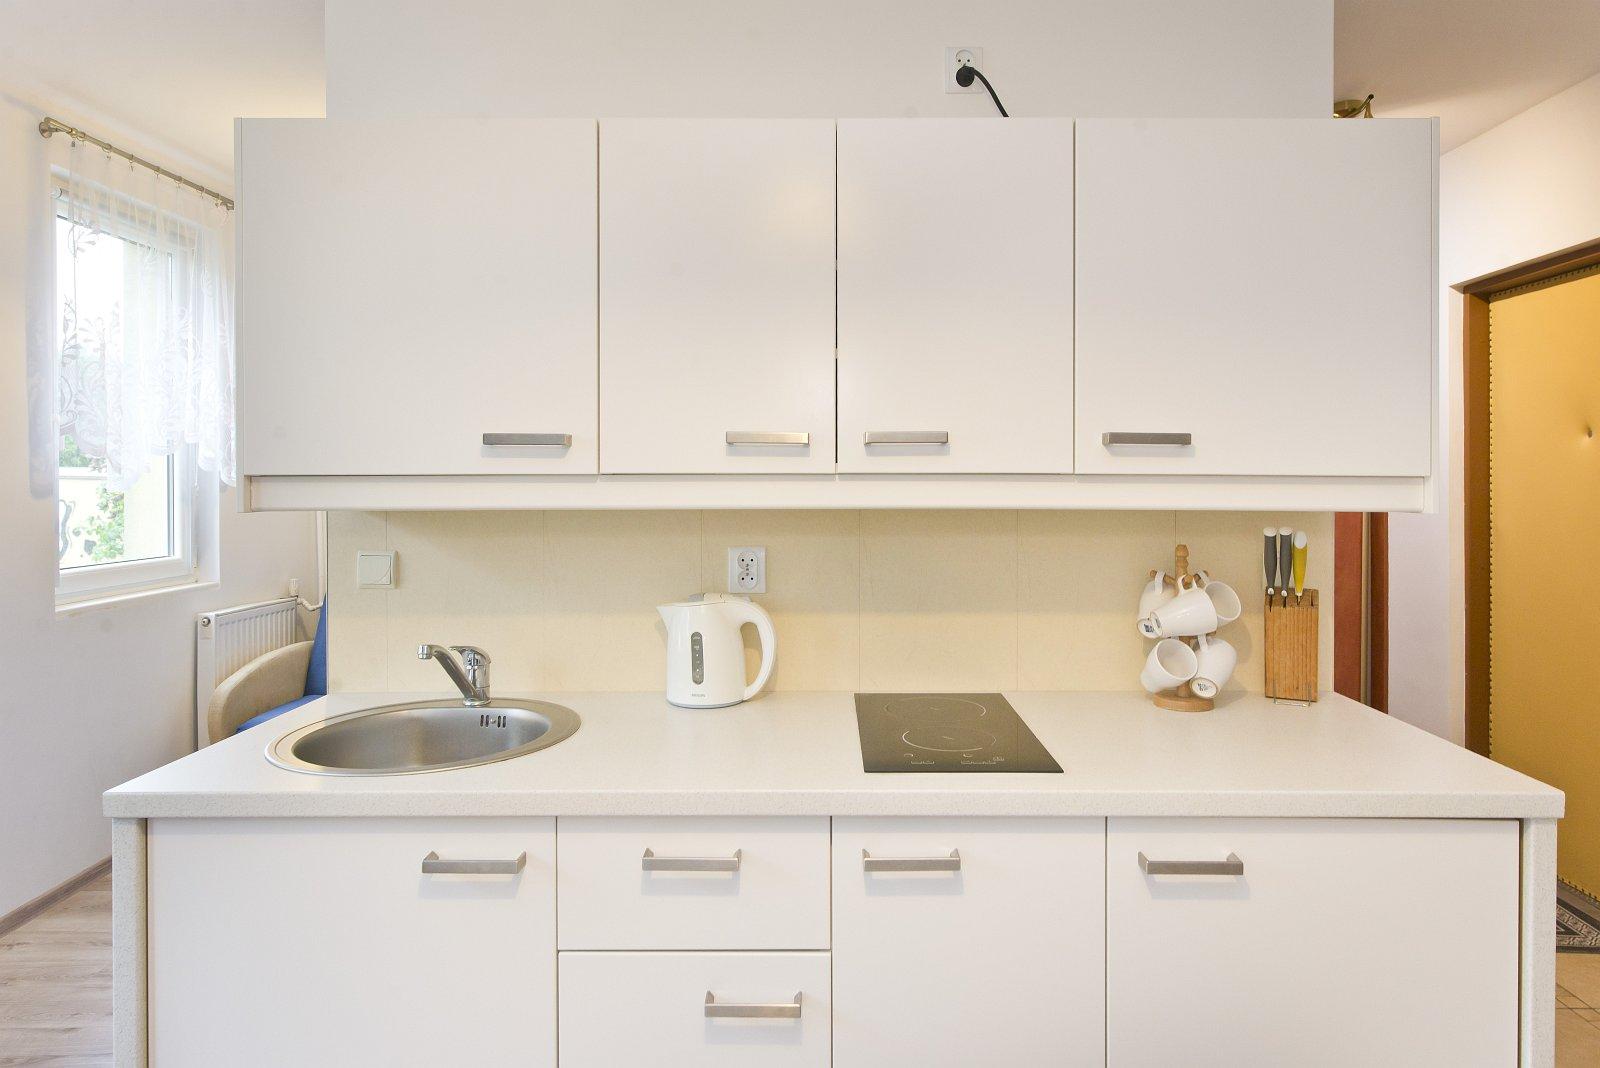 mieszkanie-wynajem-gdansk-ch-01-11web